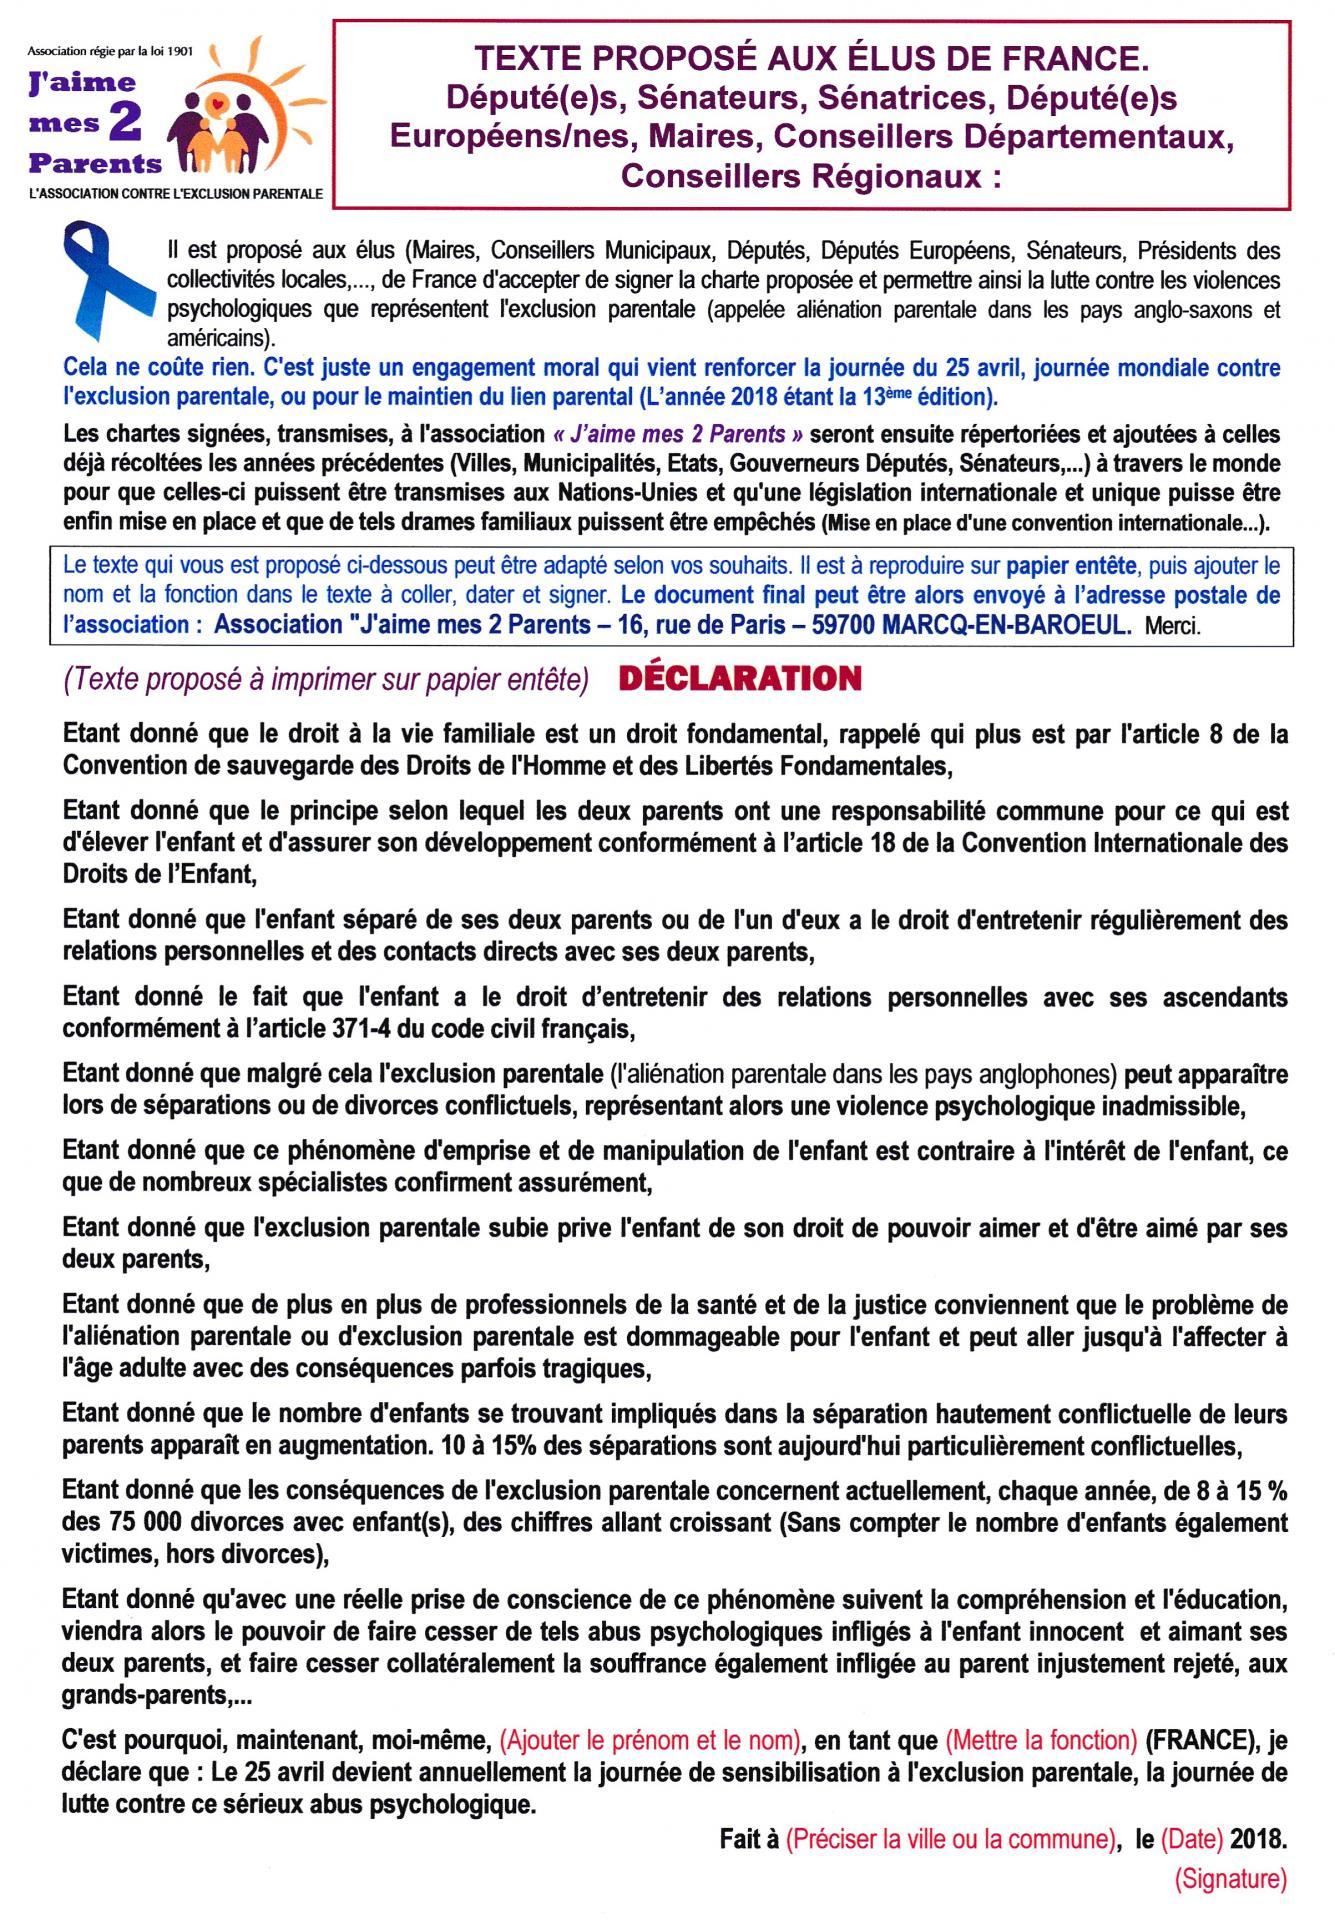 Info pour les elus declaration